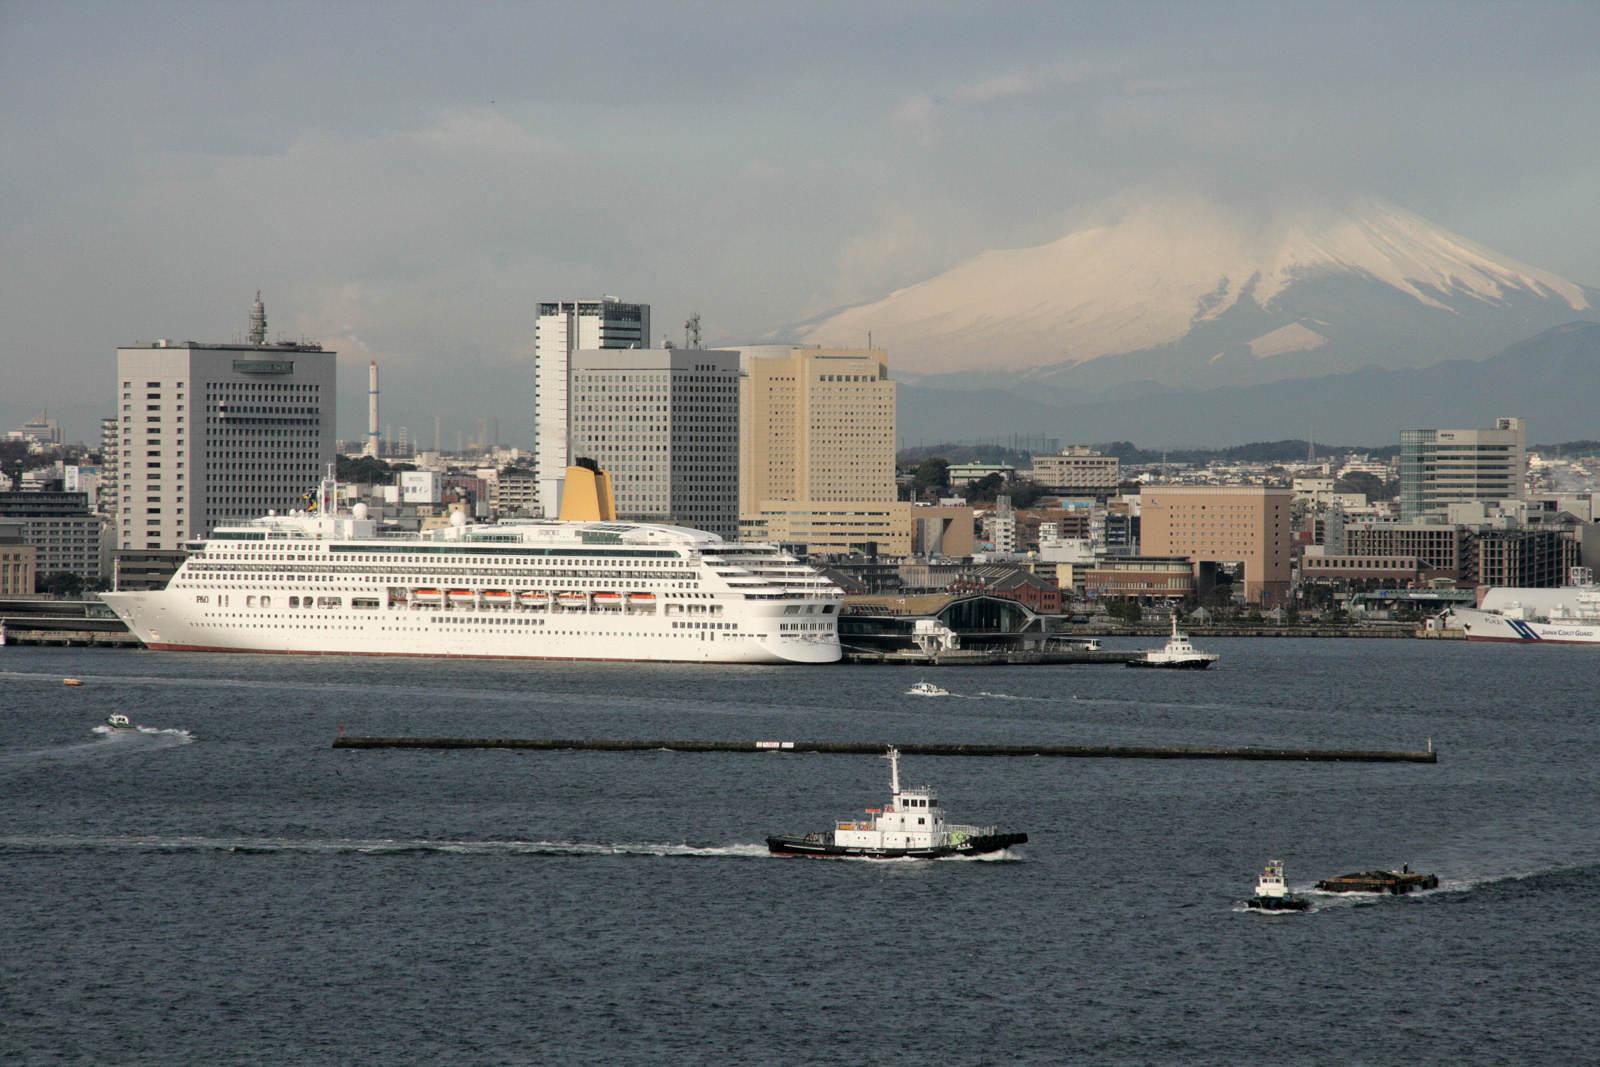 富士山と豪華船